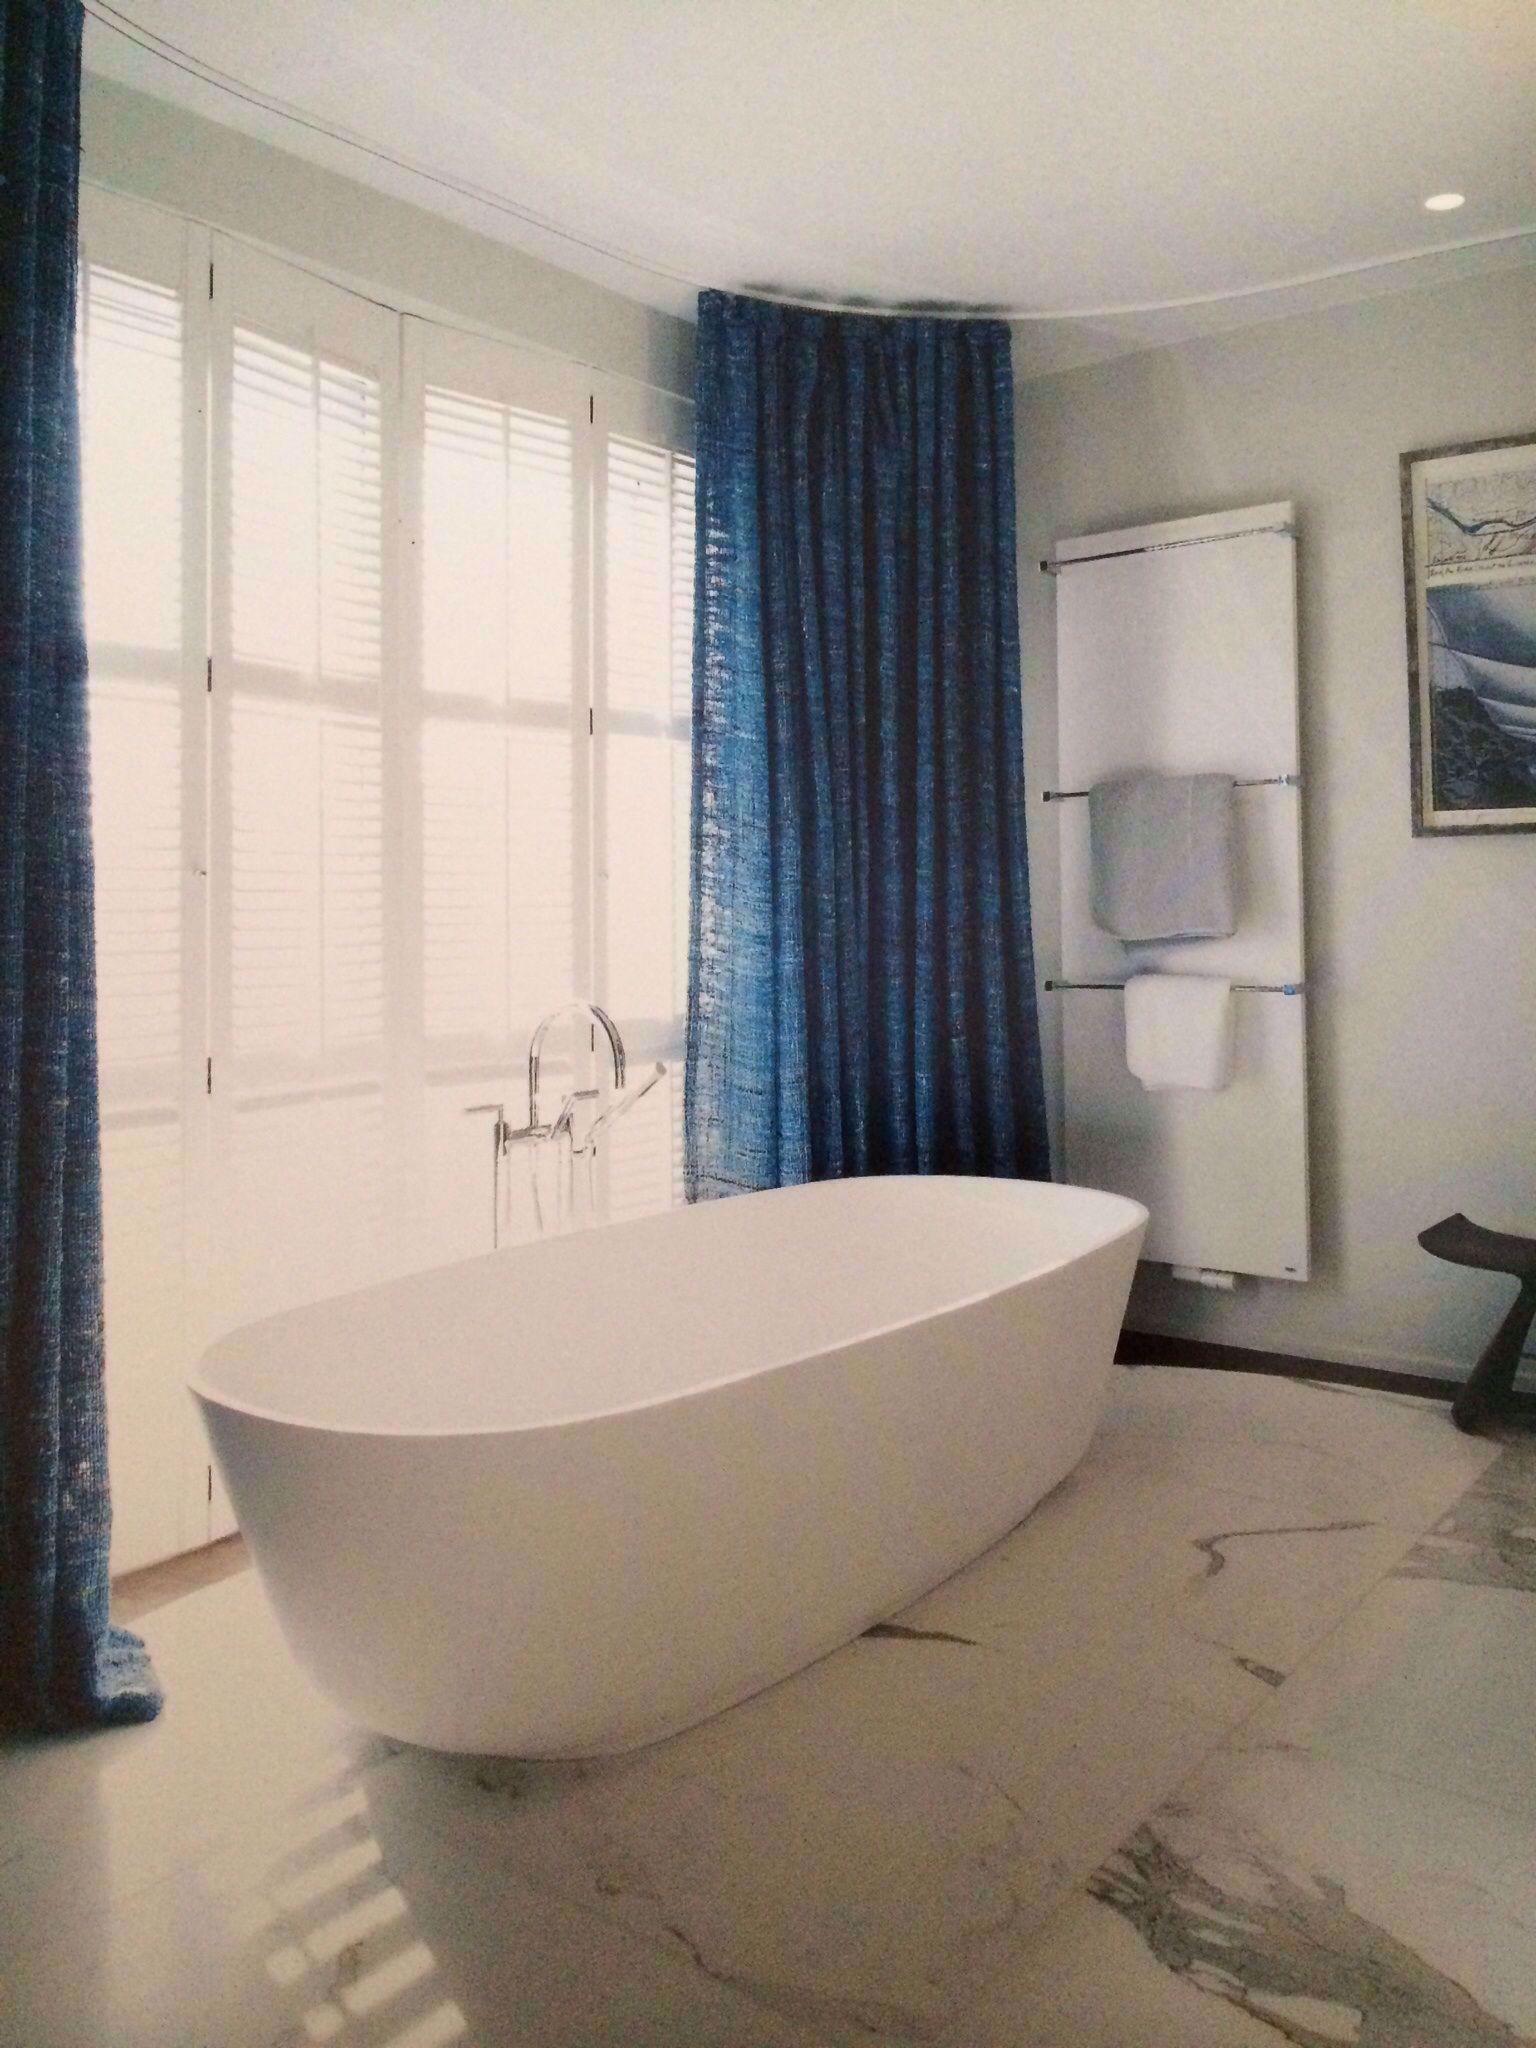 Gordijnen In Badkamer In 2020 Bathroom